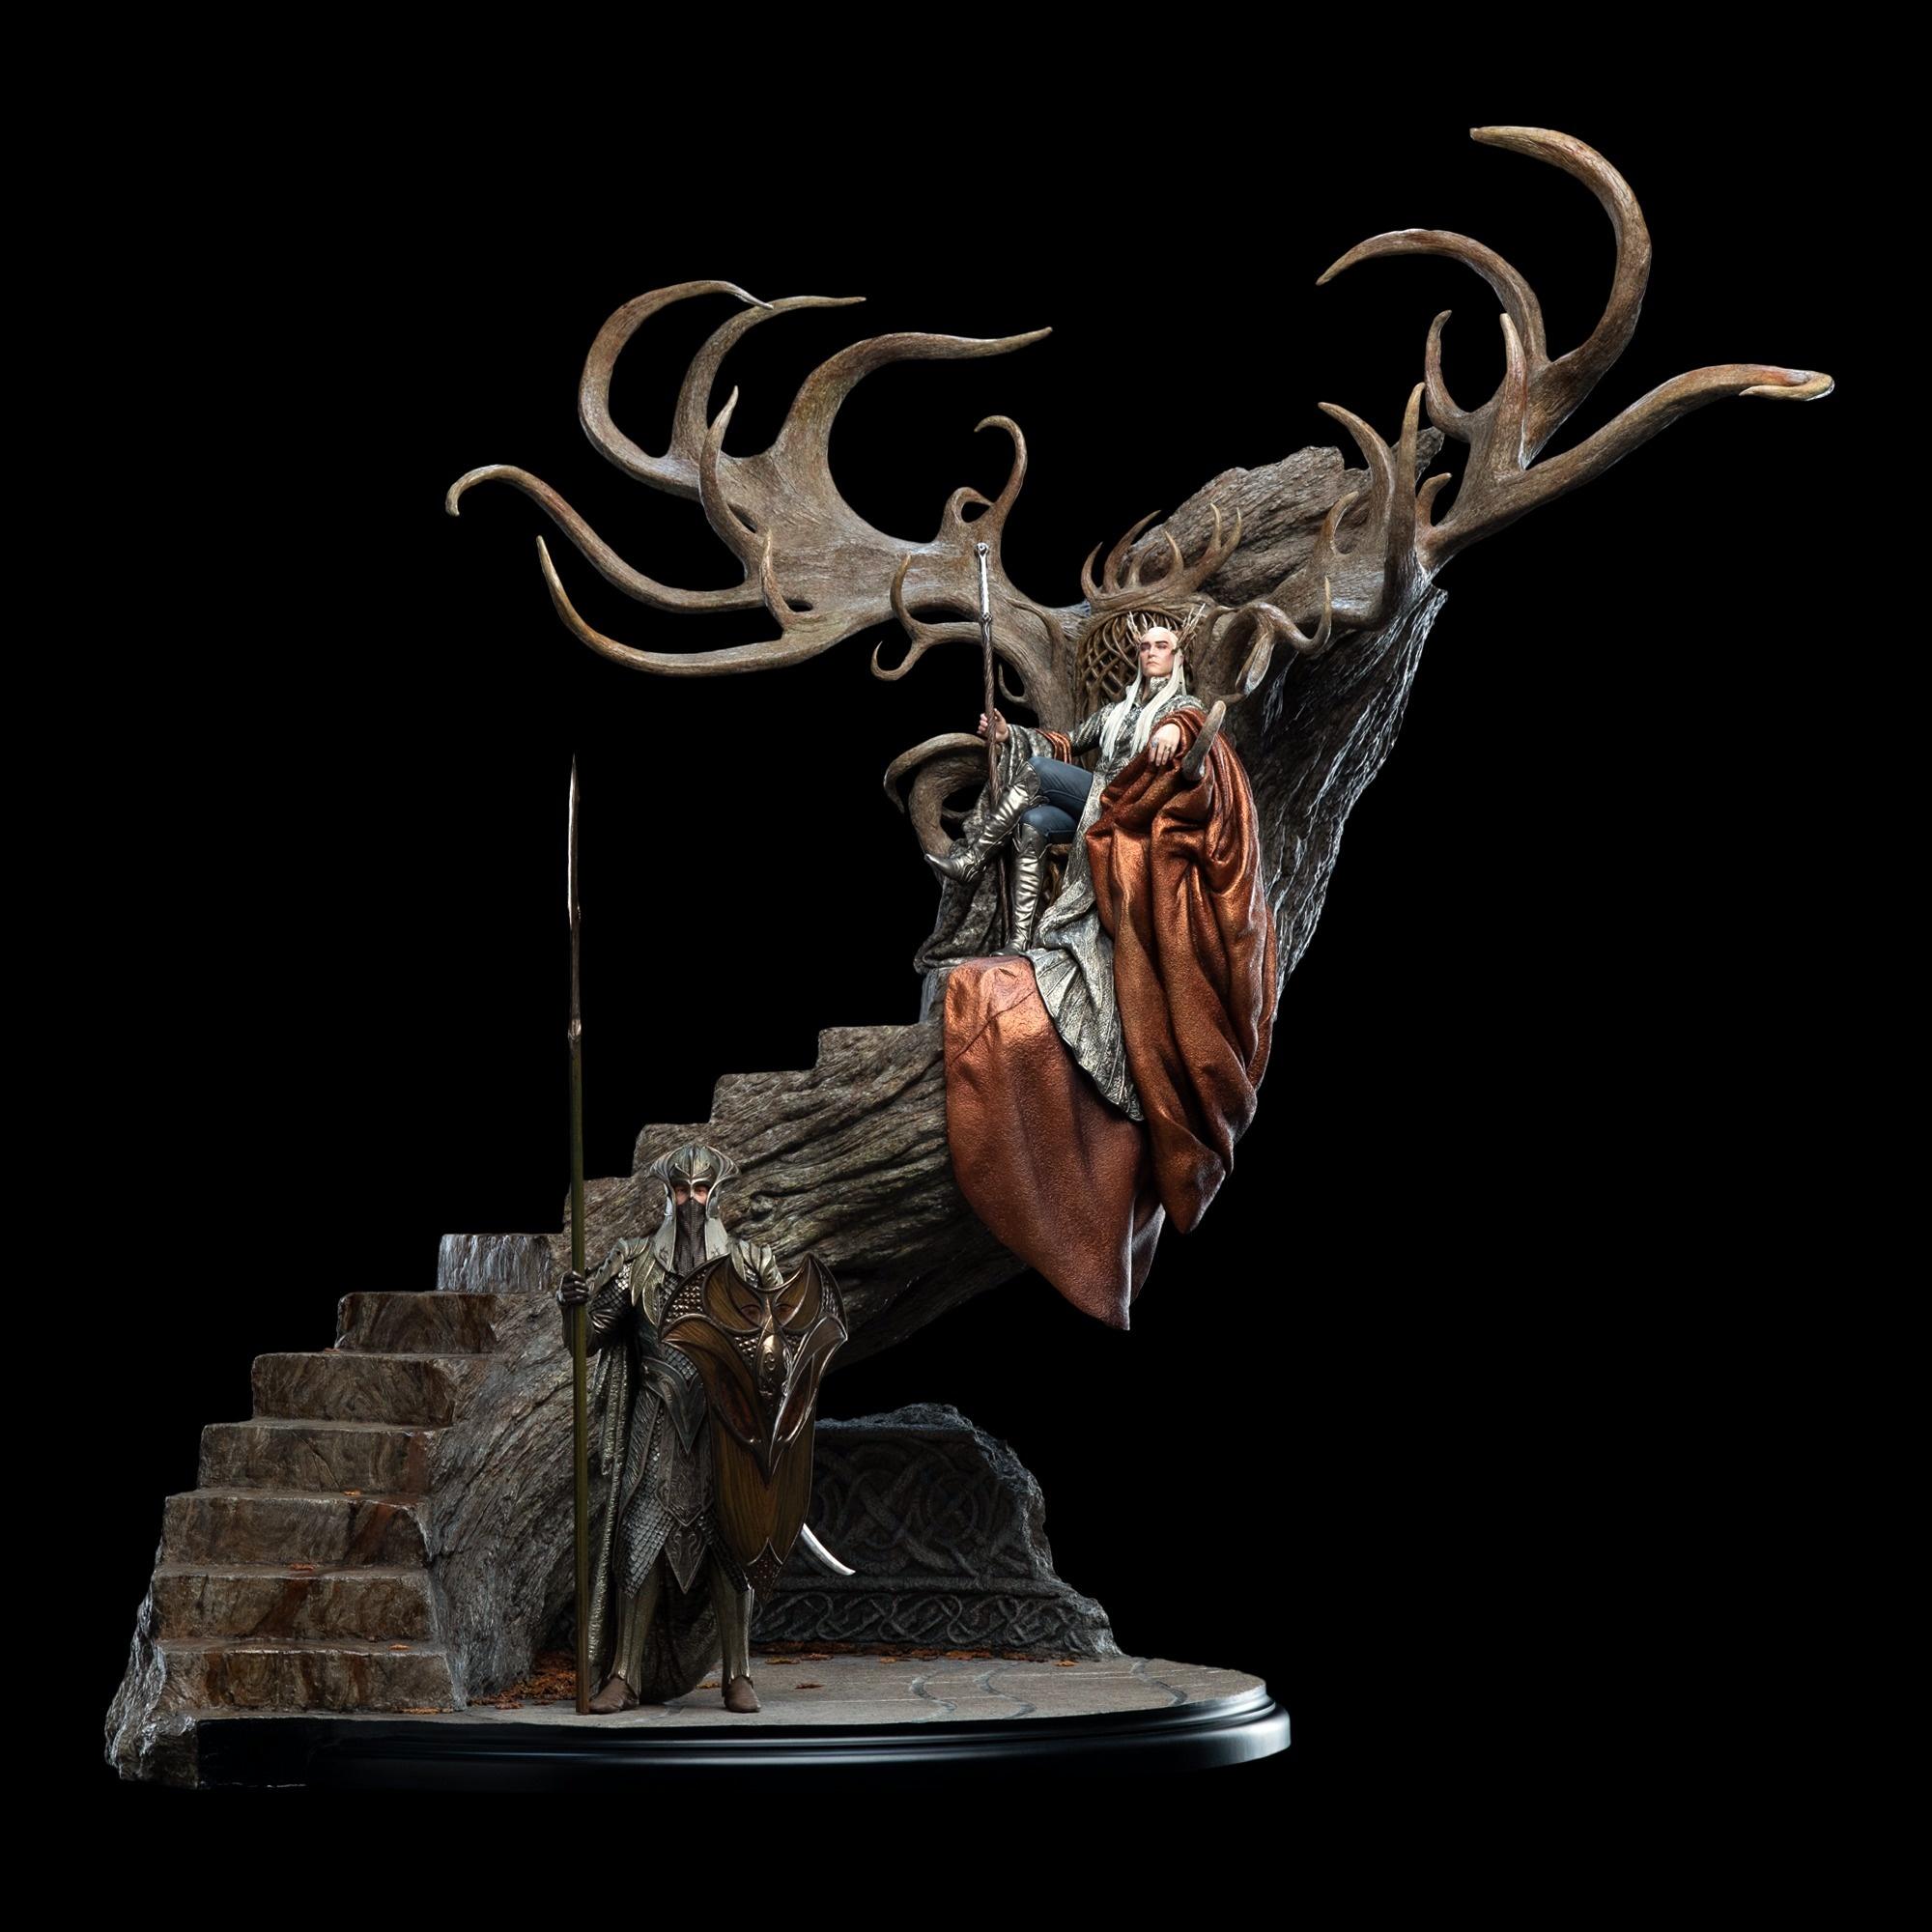 Weta  brengt een nieuwe Master Collection  de  Thranduil,  The Woodland King